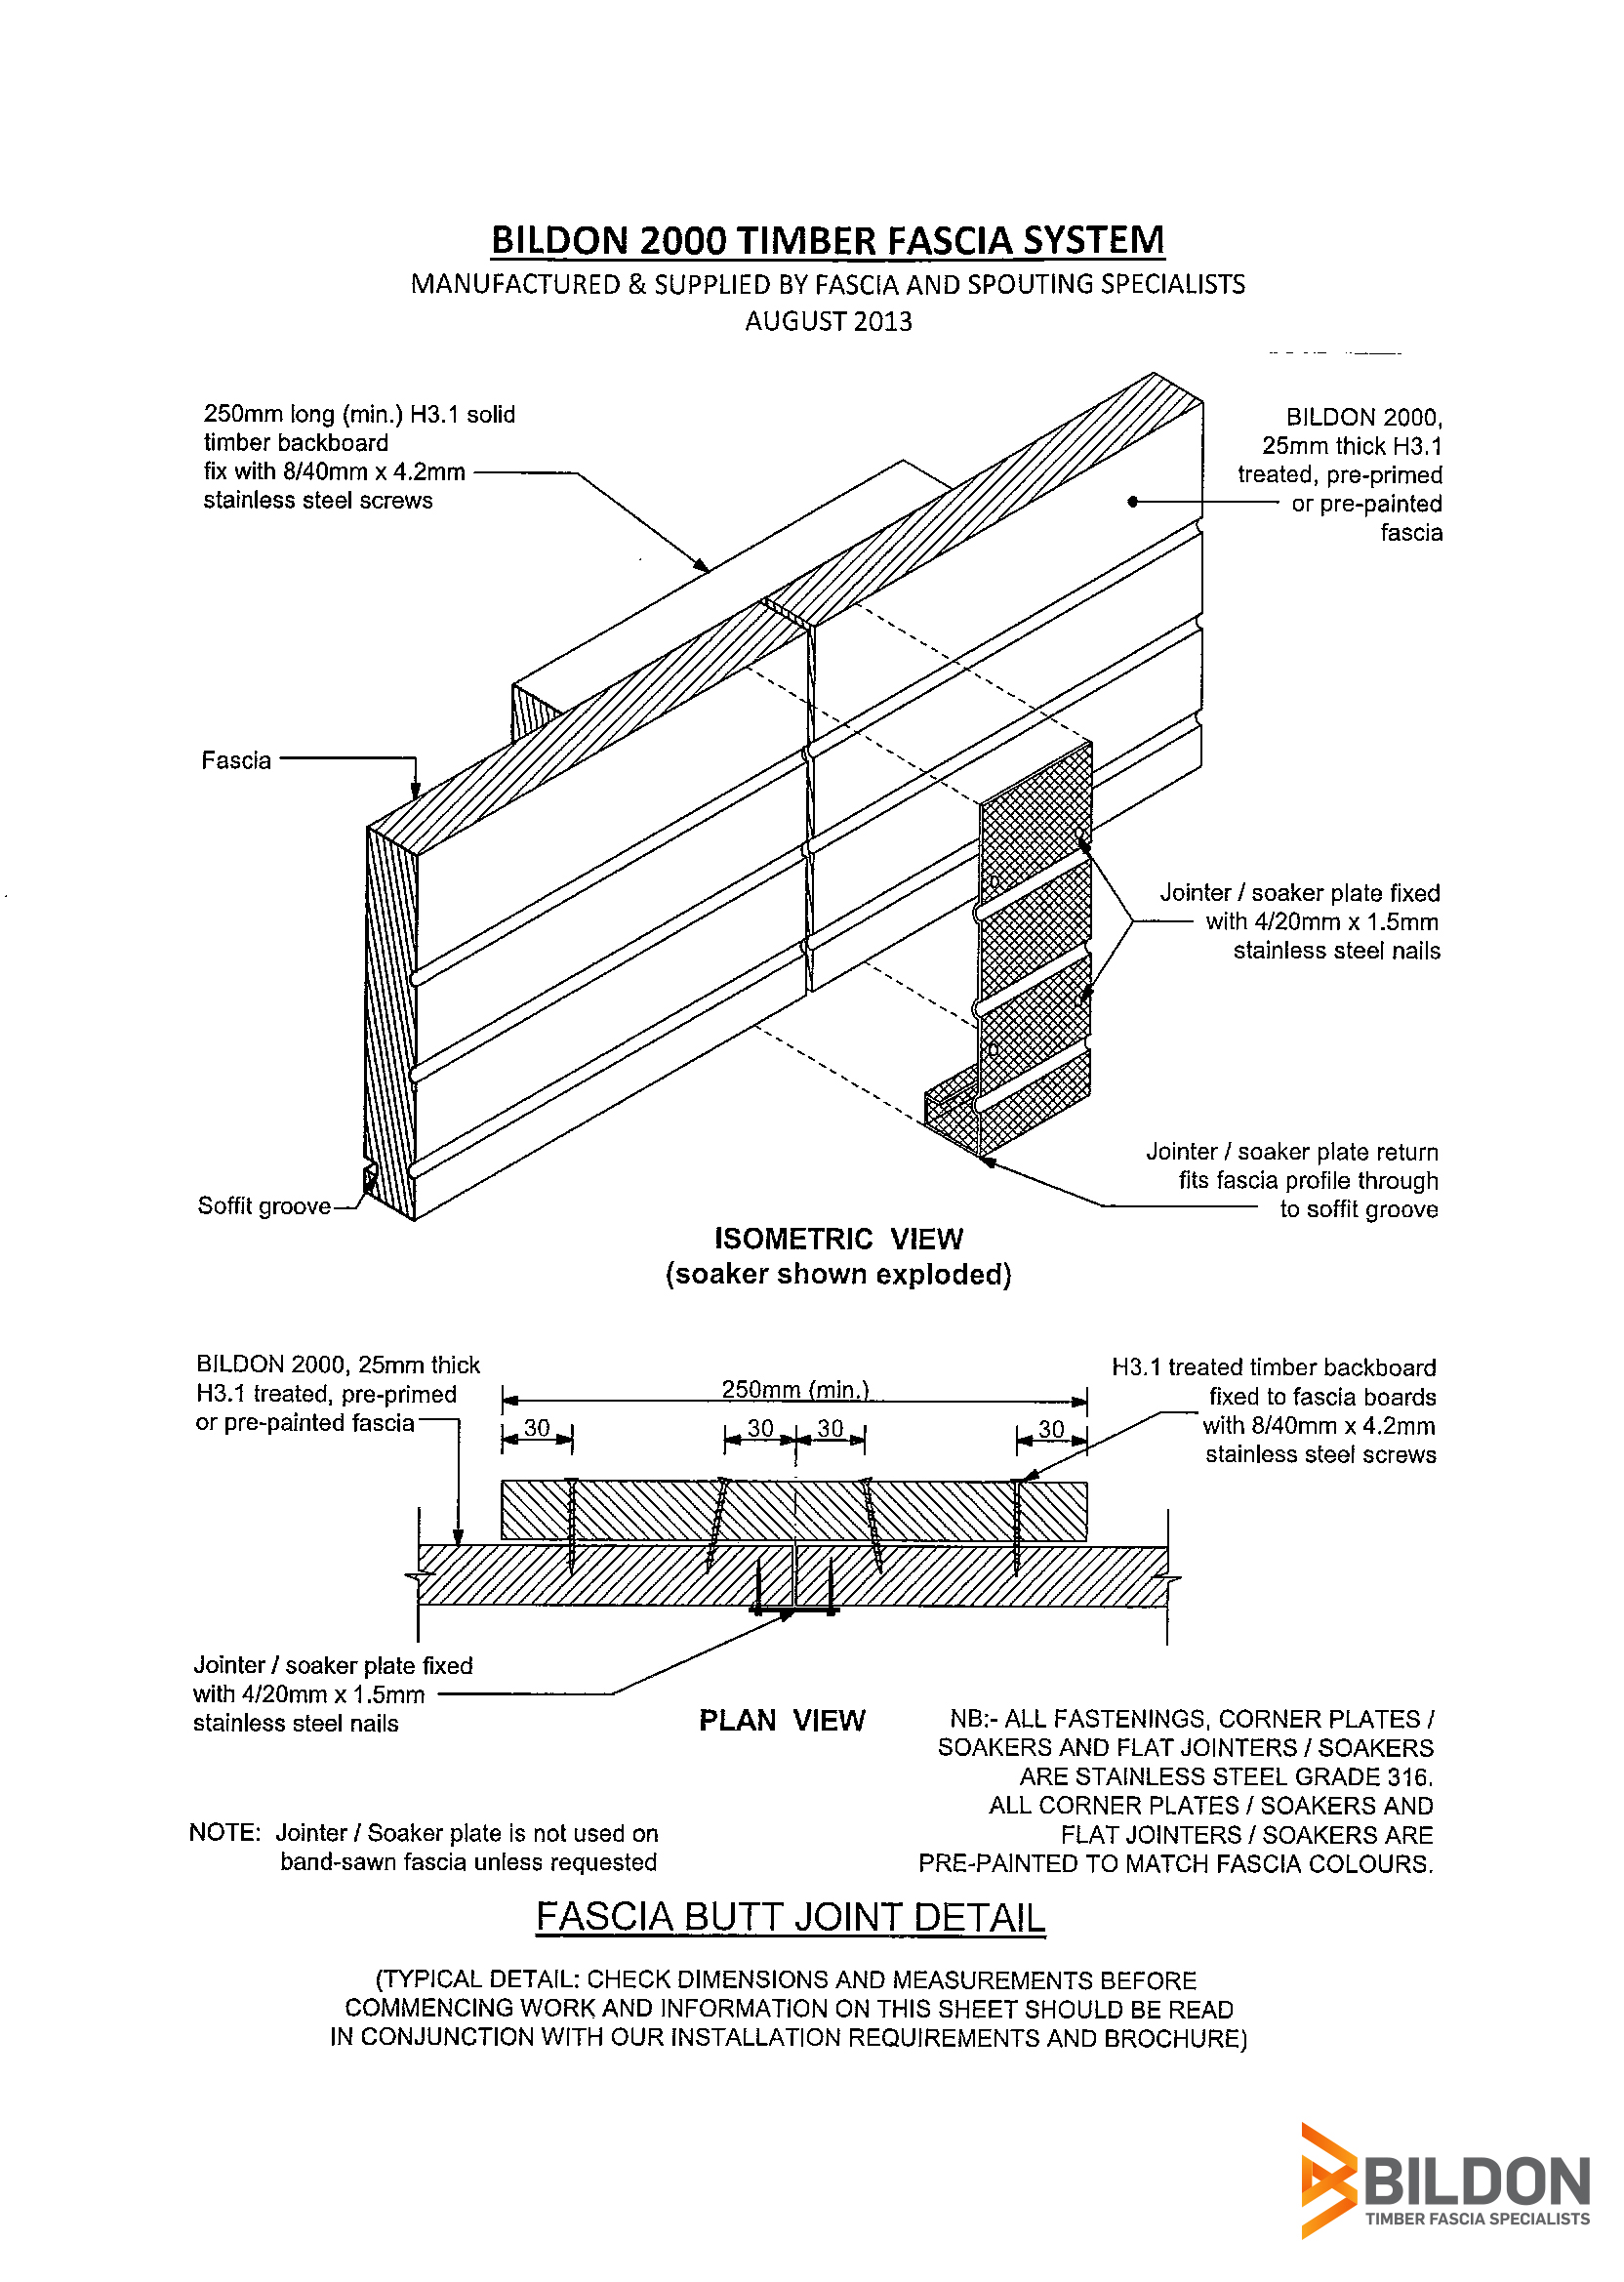 Fascia Butt Joint Detail.jpg